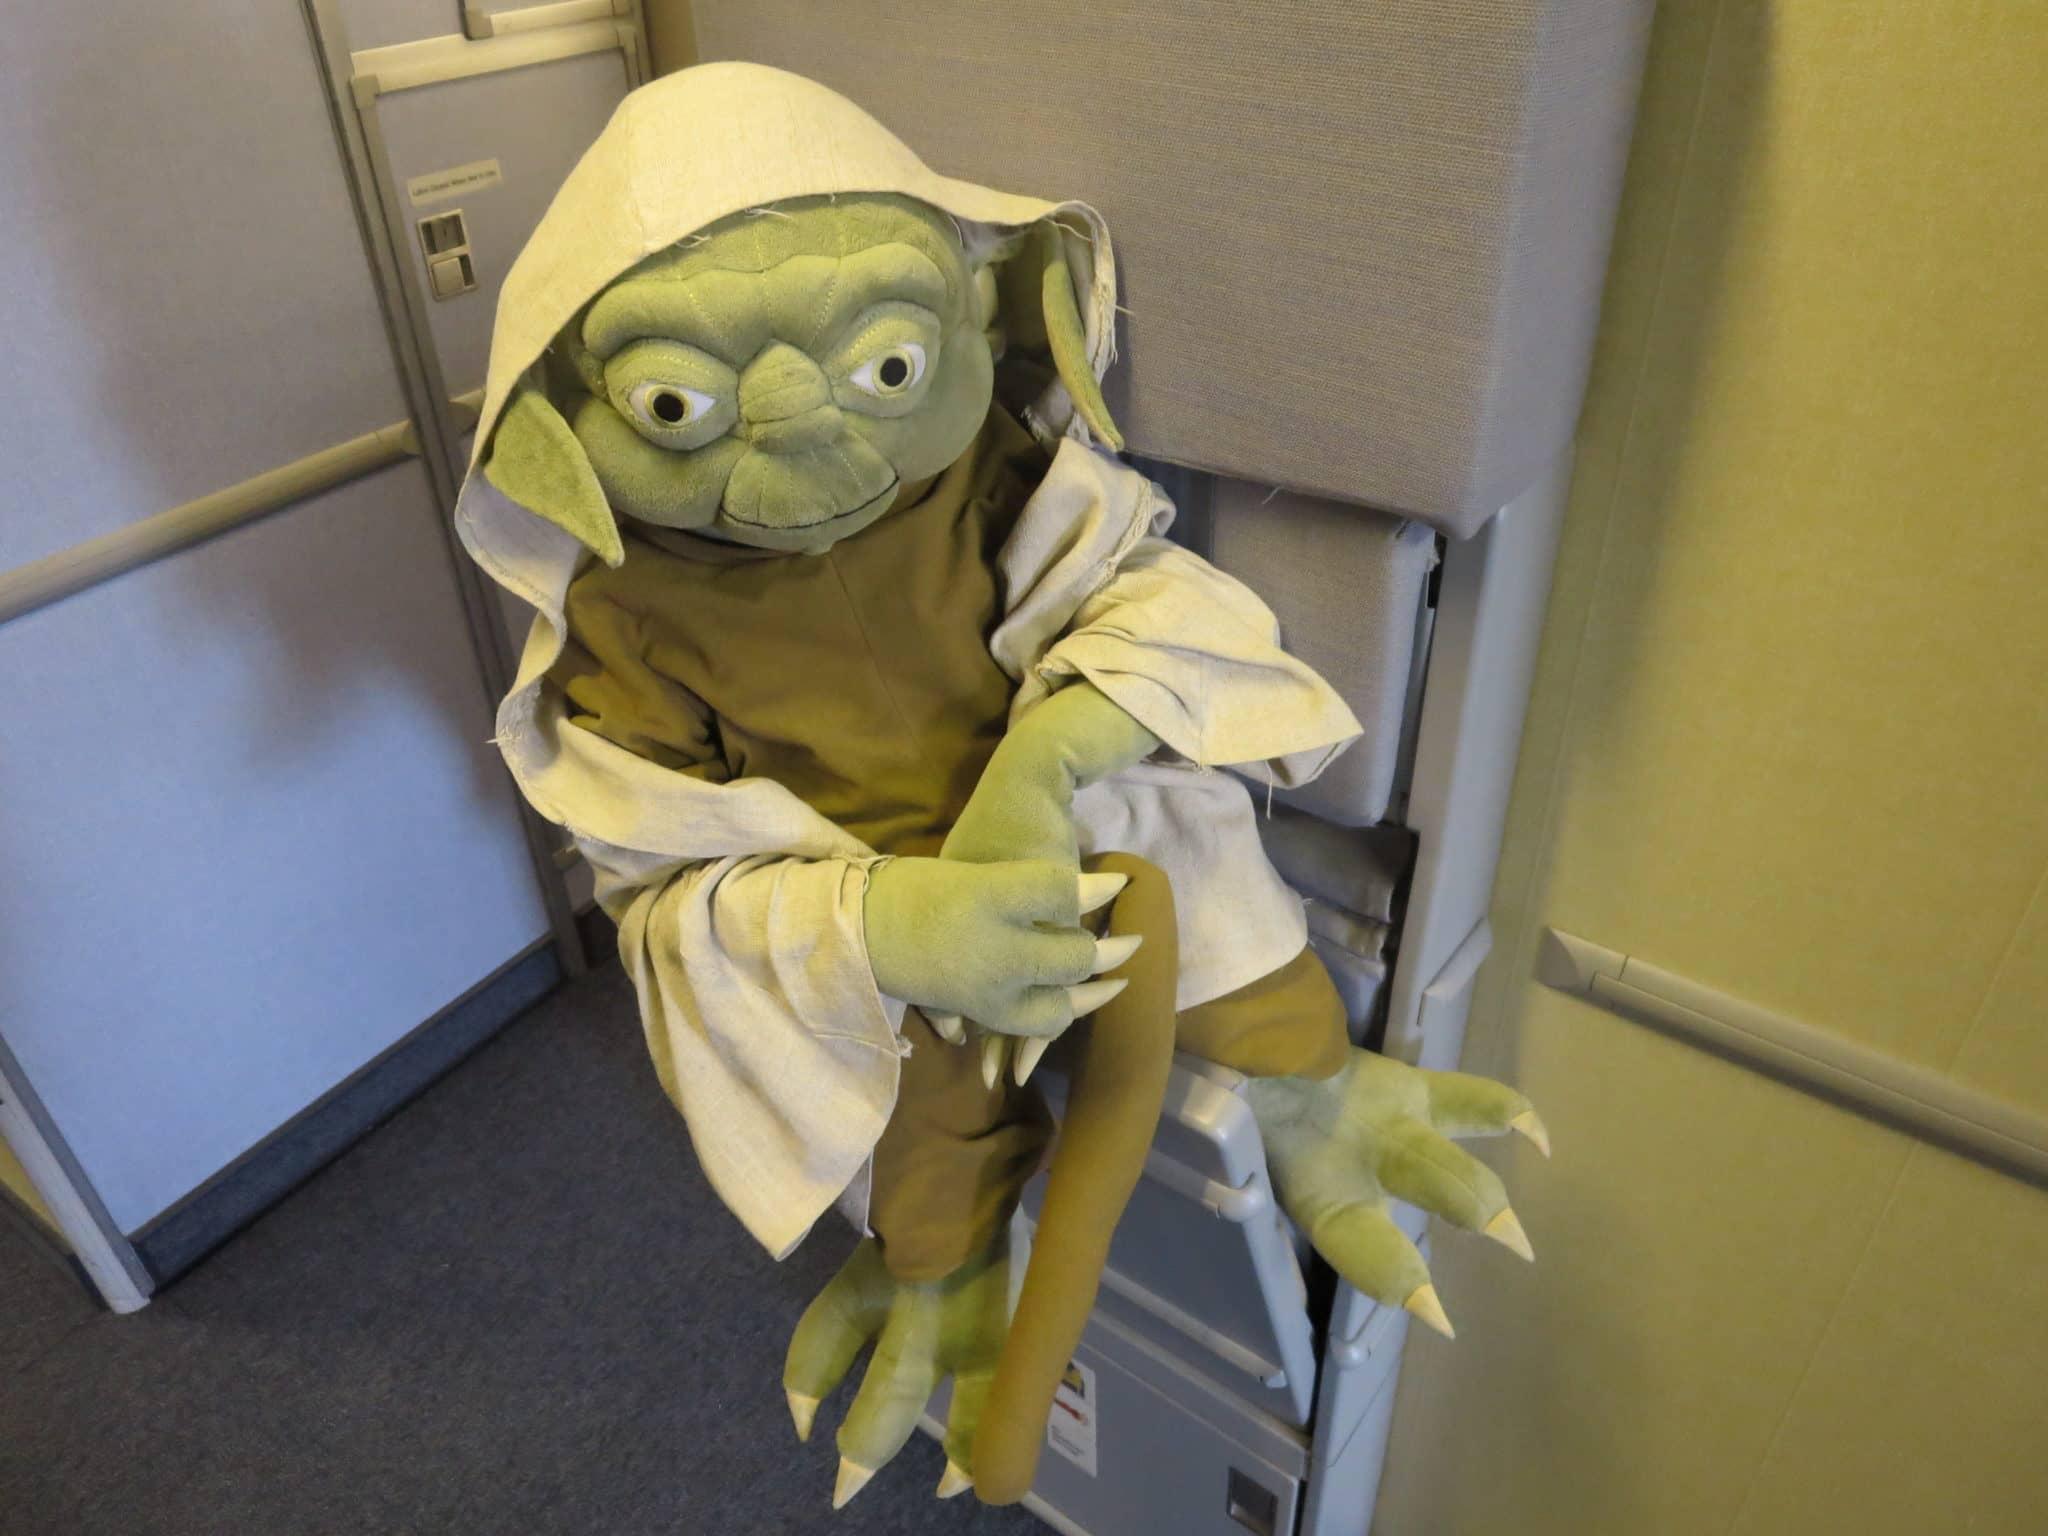 ANA First Class Yoda